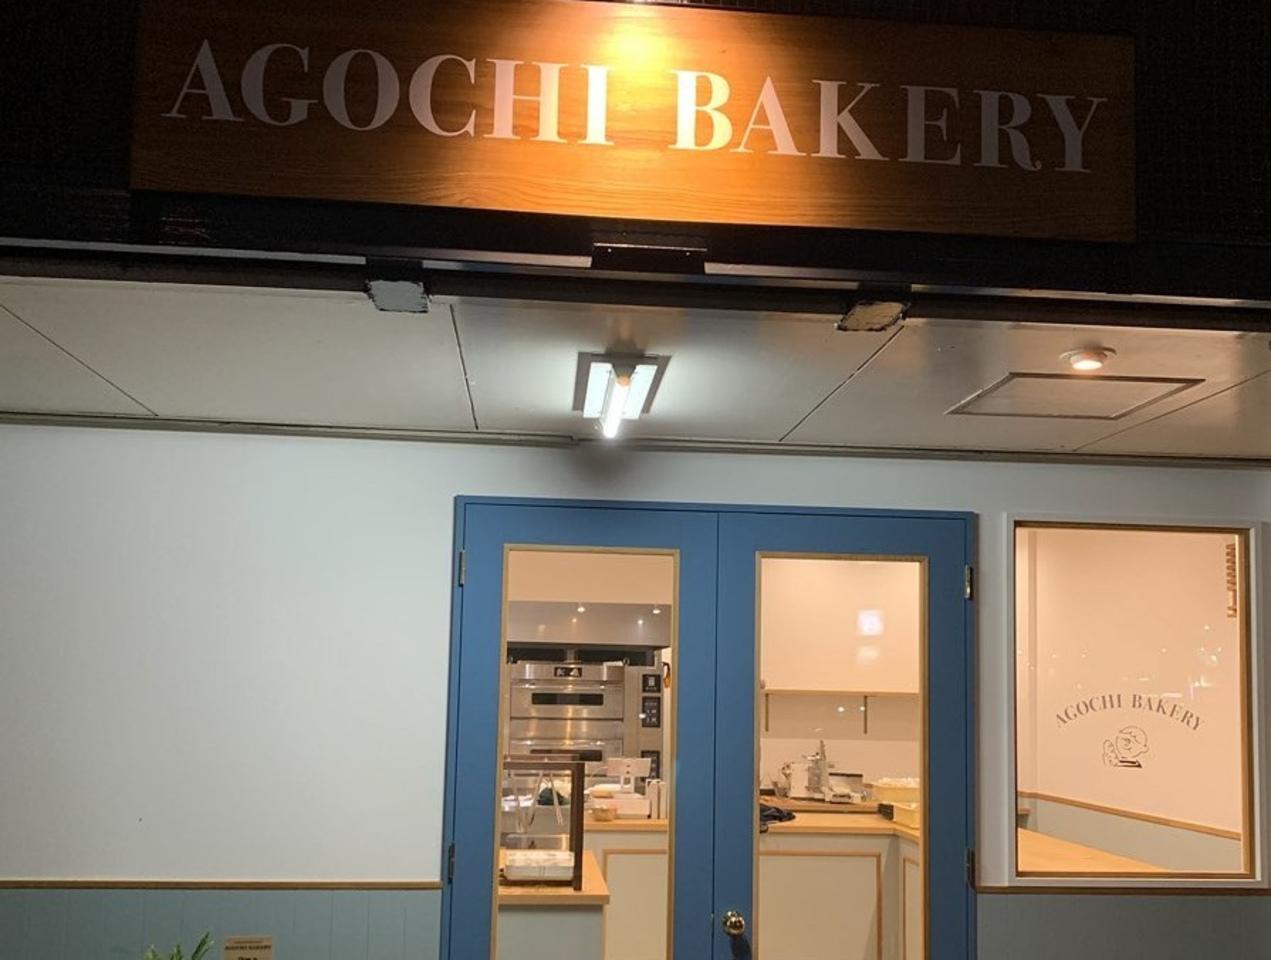 茨城県水戸市酒門町にパン屋「AGOCHI BAKERY」が本日オープンのようです。